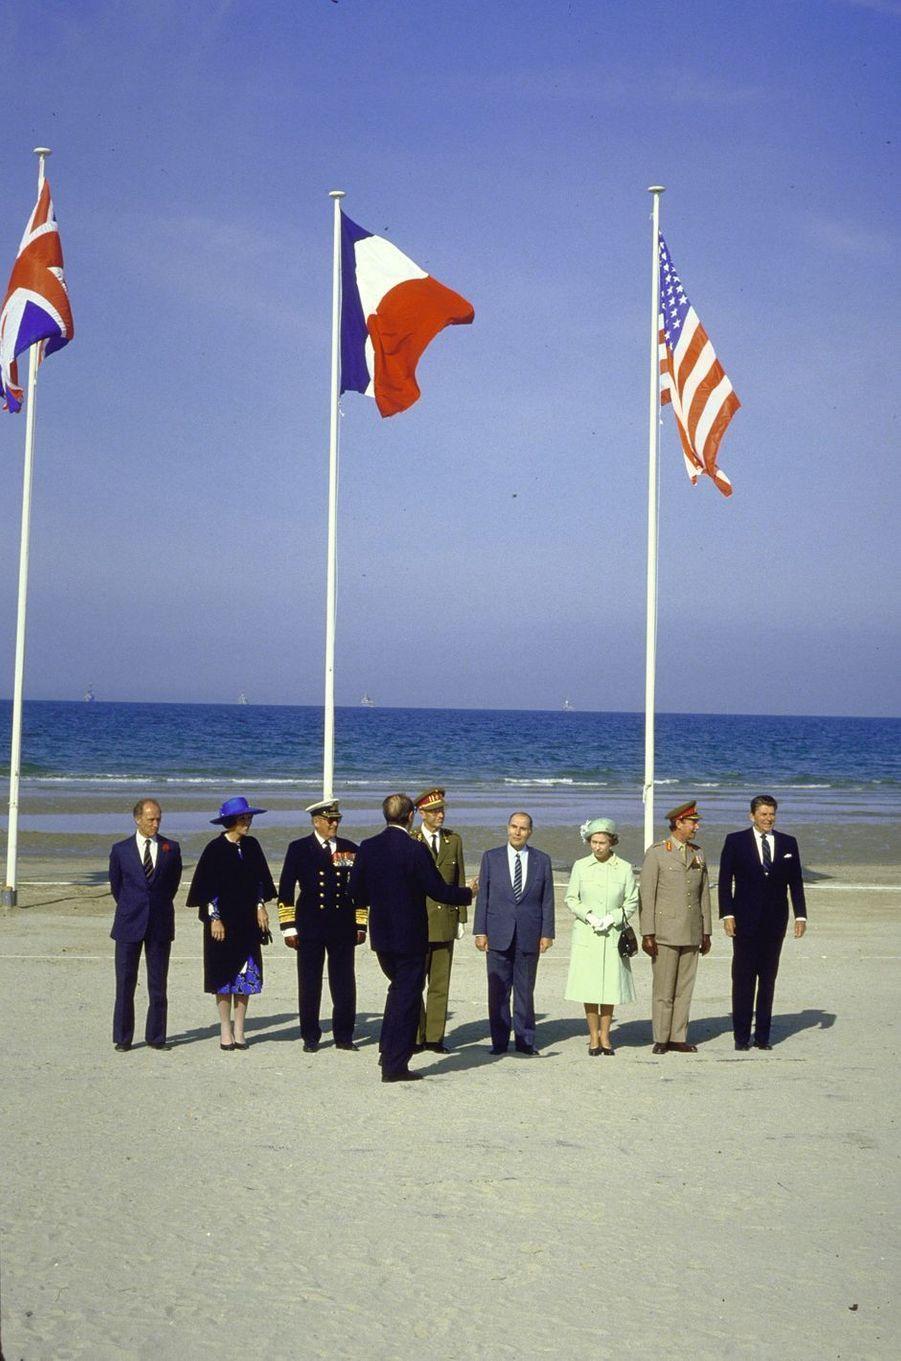 Les reines Beatrix des Pays-Bas et Elizabeth II d'Angleterre, les rois Olav V de Norvège et Baudouin de Belgique, le grand-duc Jean de Luxembourg avec Pierre Elliott Trudeau, François Mitterrand et Ronald Reagan à Utah-Beach, le 6 juin 1984